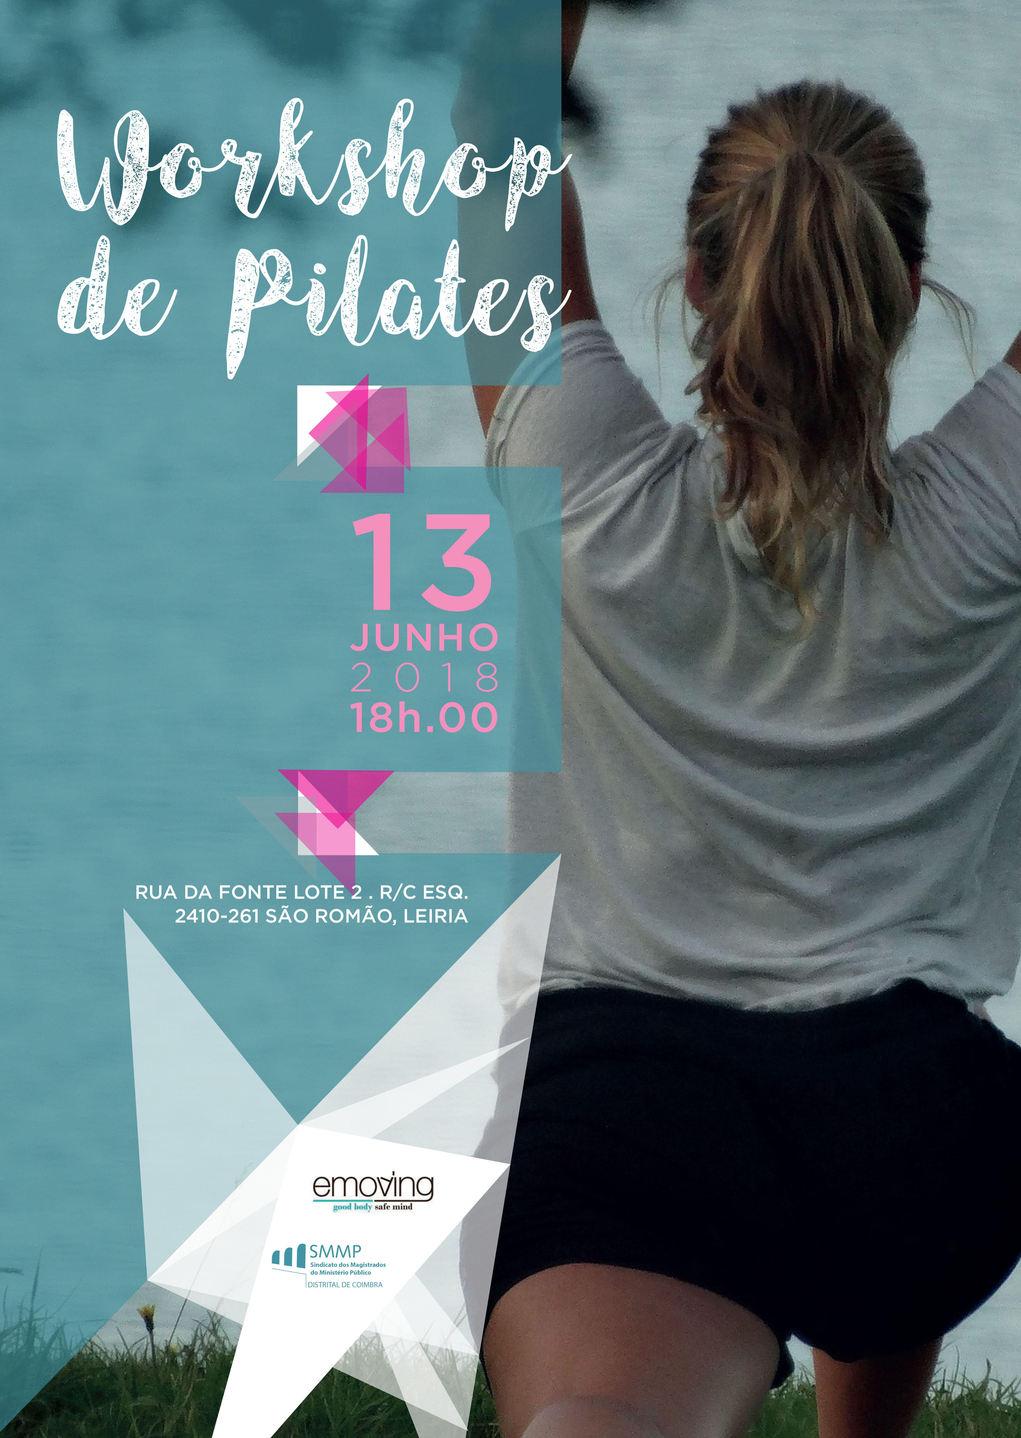 Workshop de Pilates em leiria